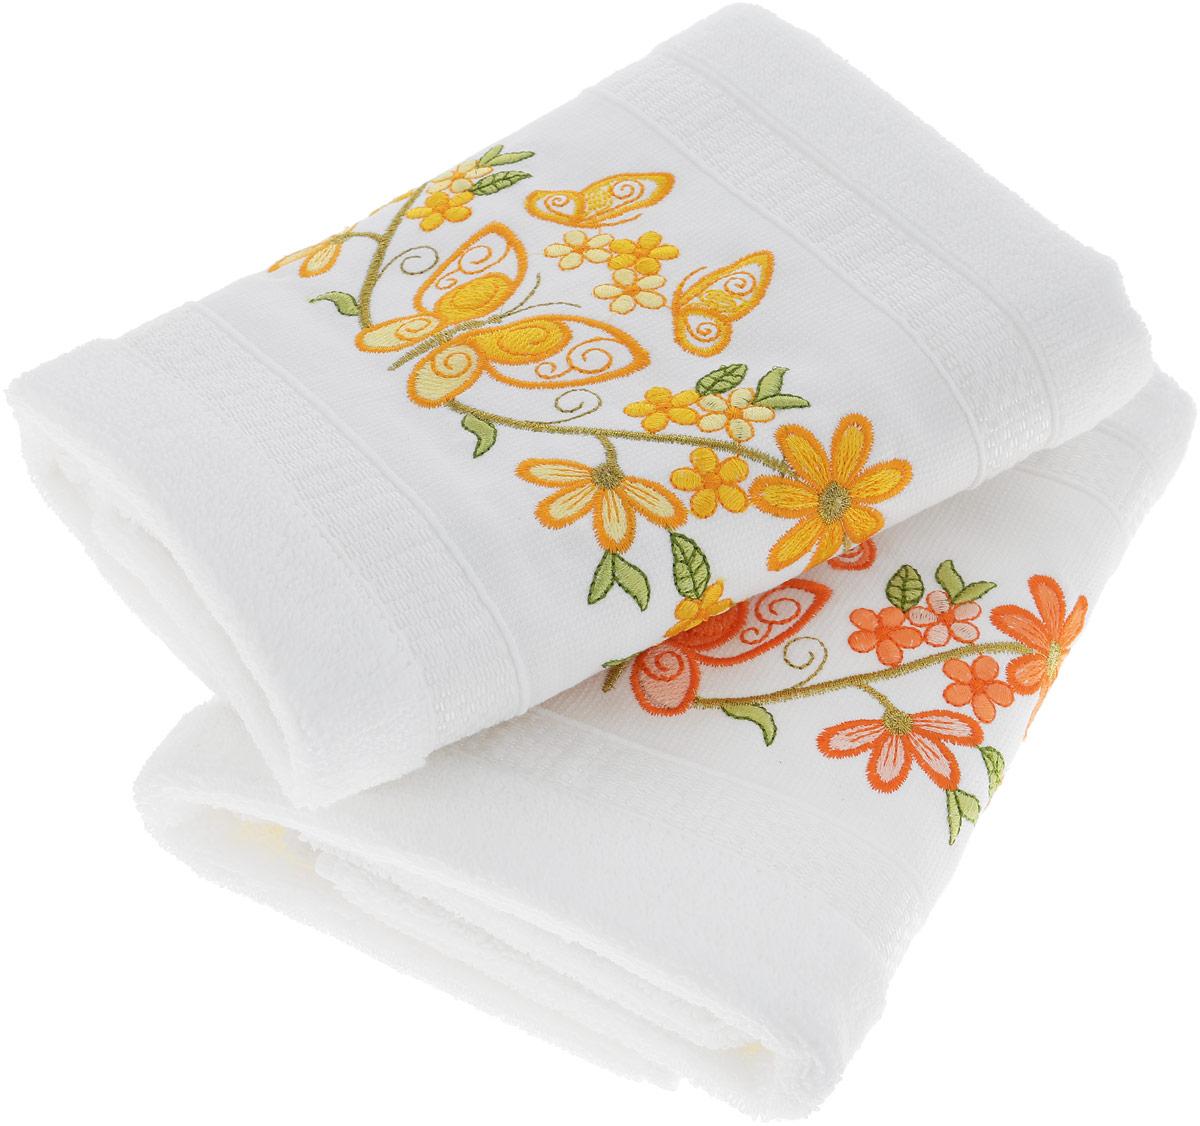 """Махровое полотенце Hobby Home Collection """"Infinity"""" уникально и разрабатывалось эксклюзивно для данной марки. При его создании использовались самые высокотехнологичные ткацкие приемы. Полотенце украшено изысканным декором. Выполнено из махровой ткани."""